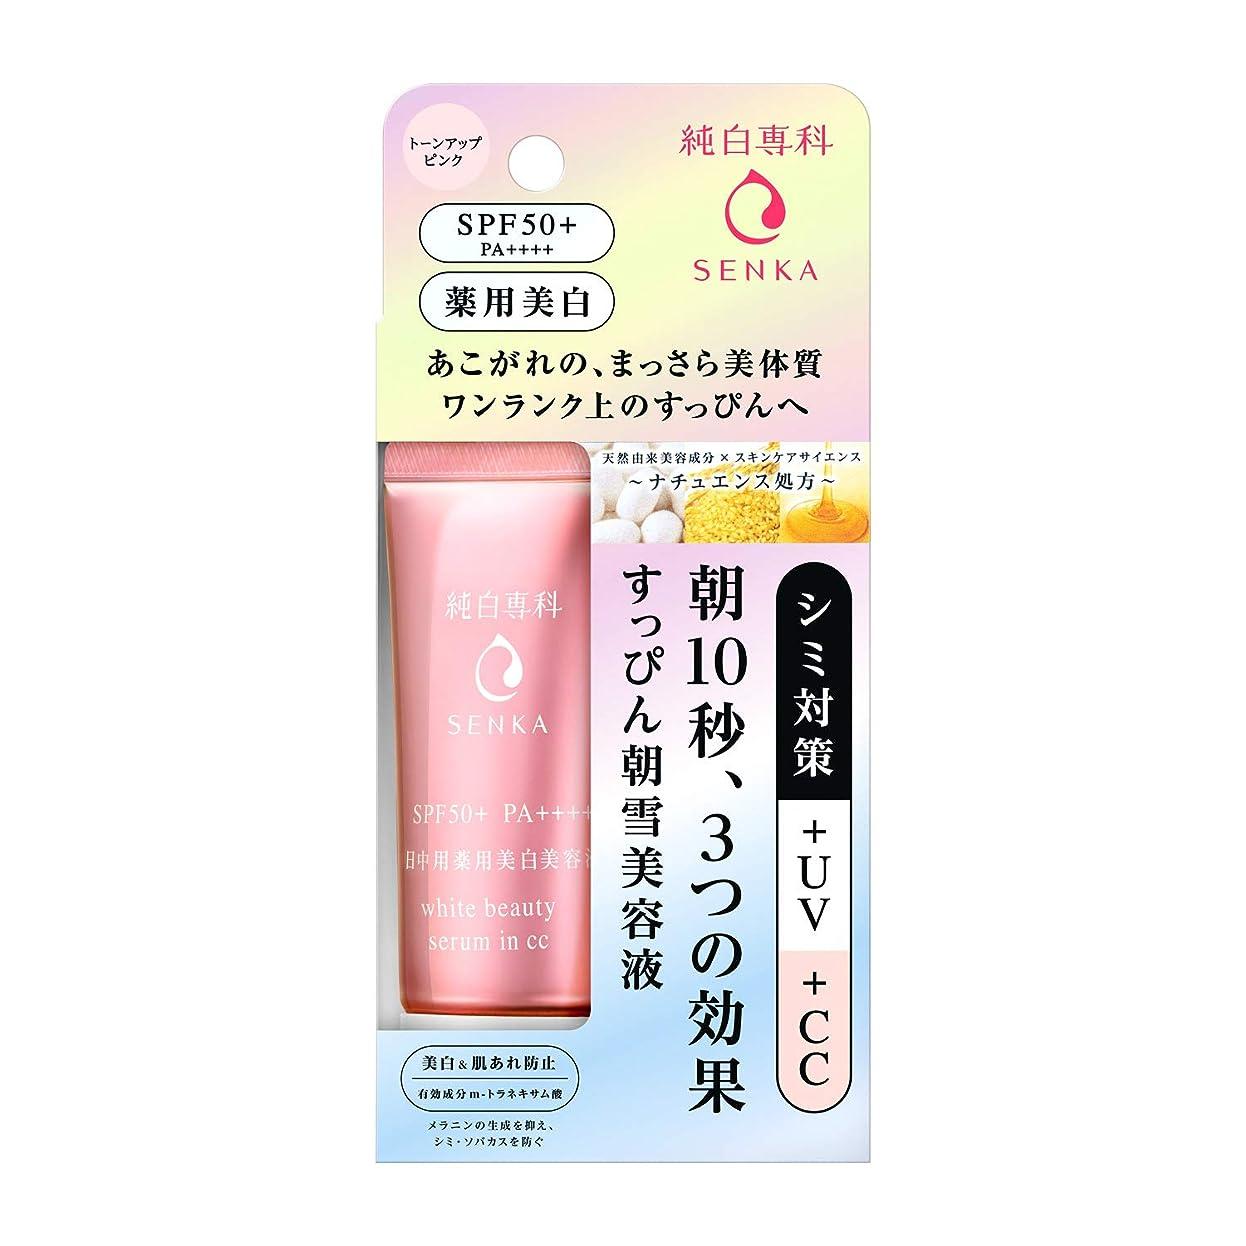 ヨーグルト引用現代の純白専科 すっぴん朝雪美容液 (医薬部外品) 40g